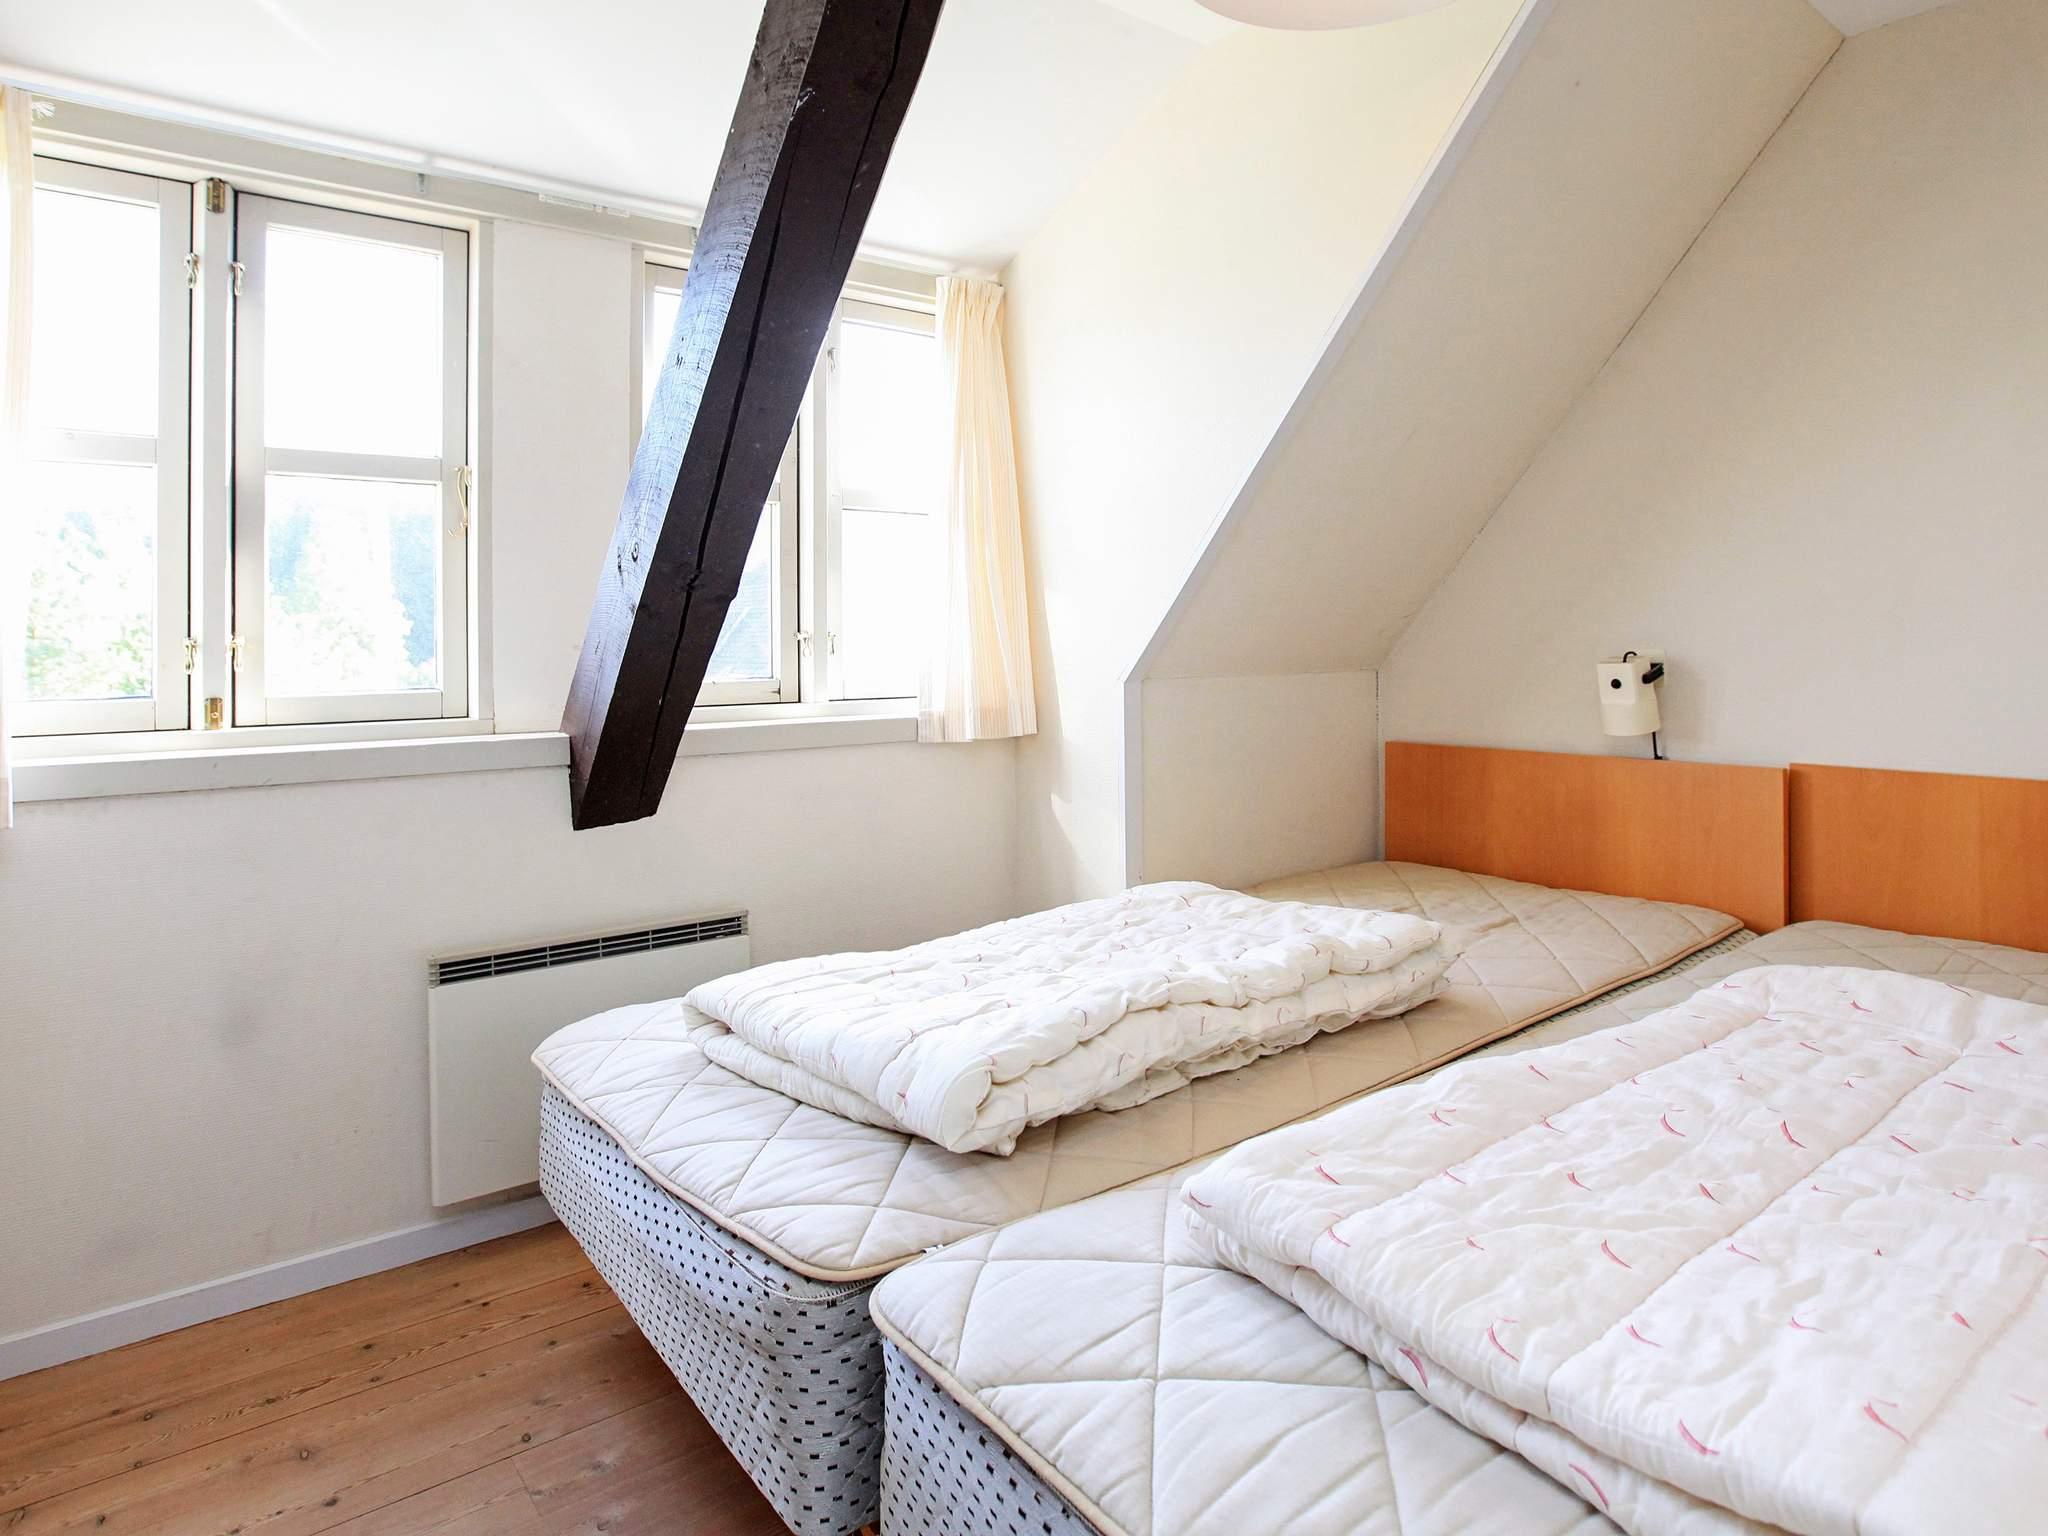 Ferienwohnung Bandholm (1718018), Bandholm, , Lolland, Dänemark, Bild 9